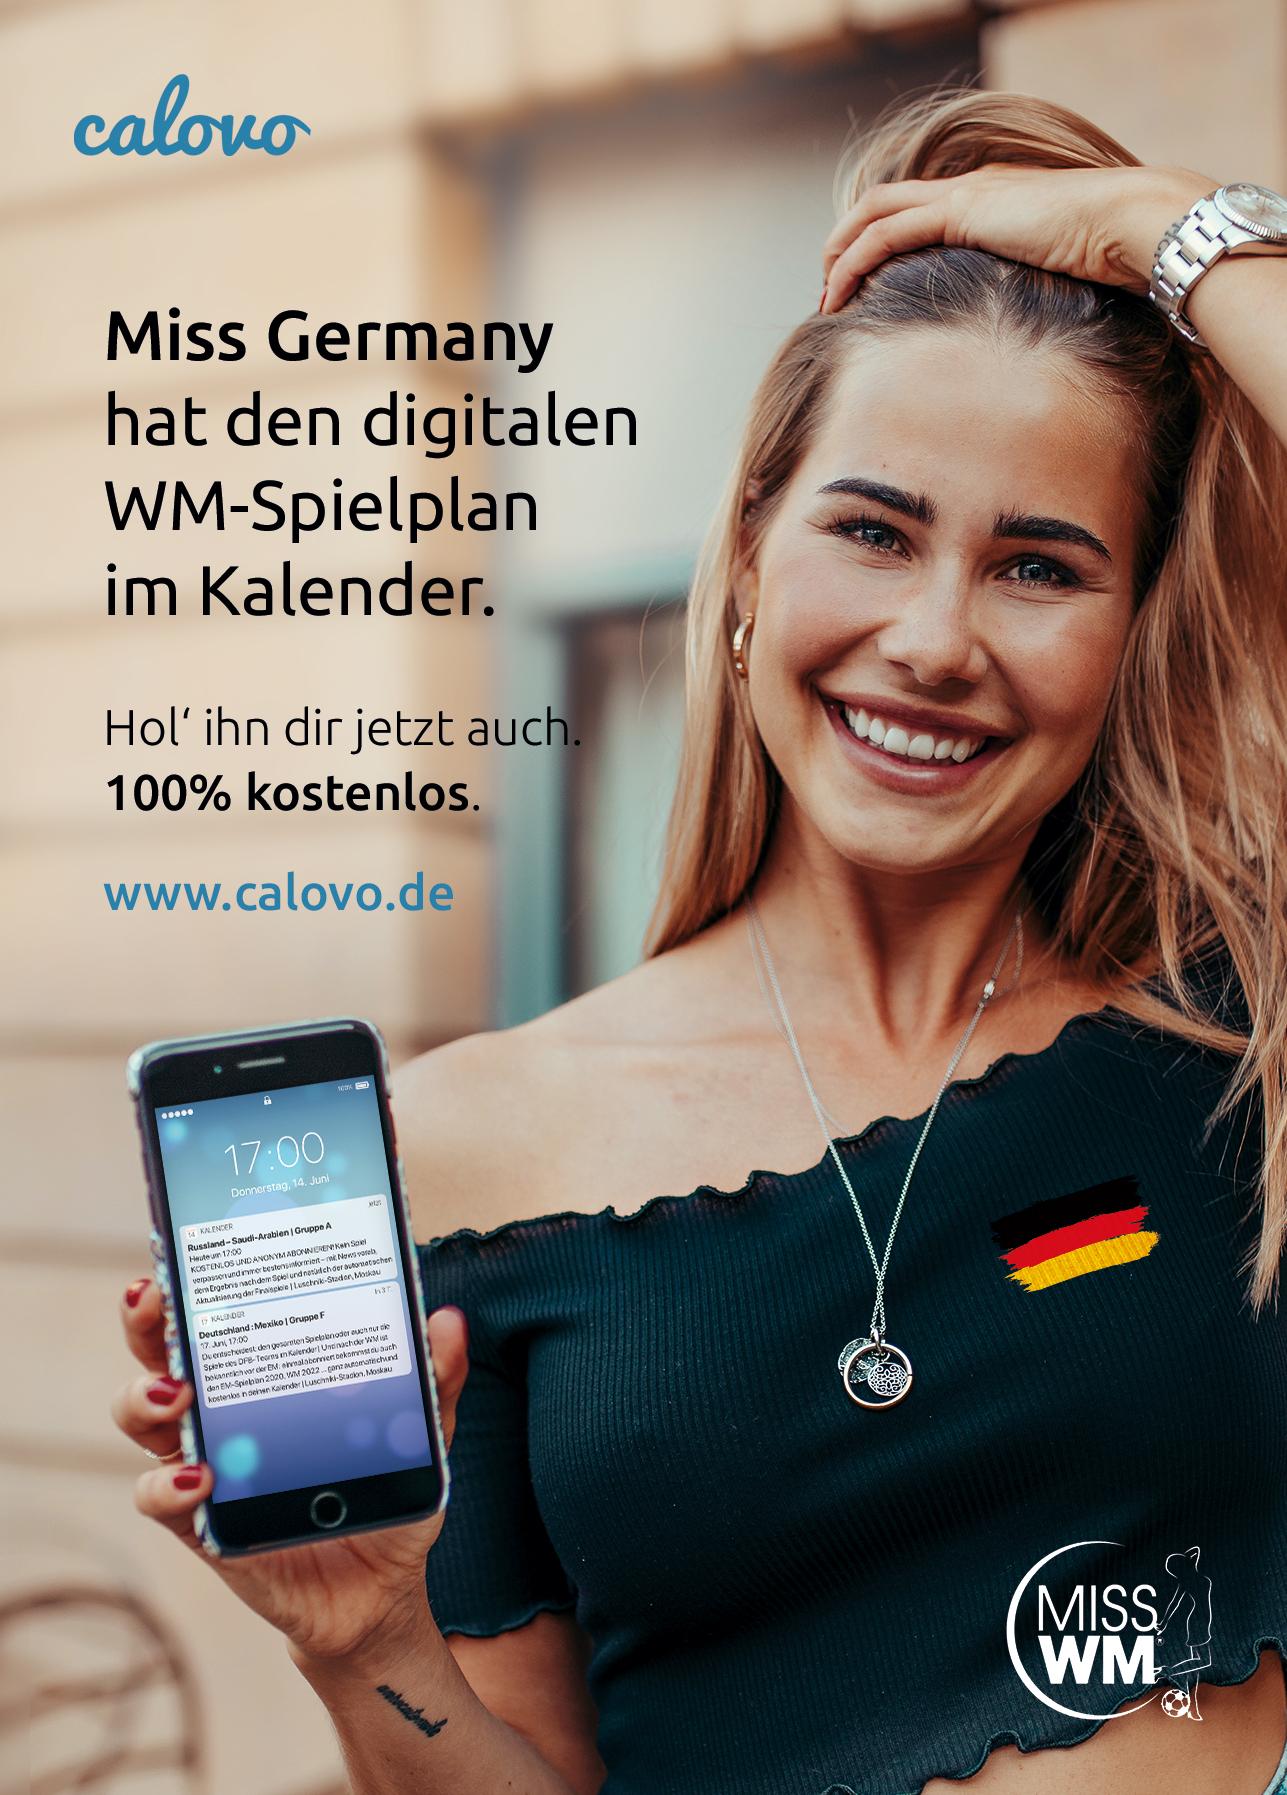 Digitaler WM-Spielplan mit praktischen Zusatzinfos +++ KOSTENLOS